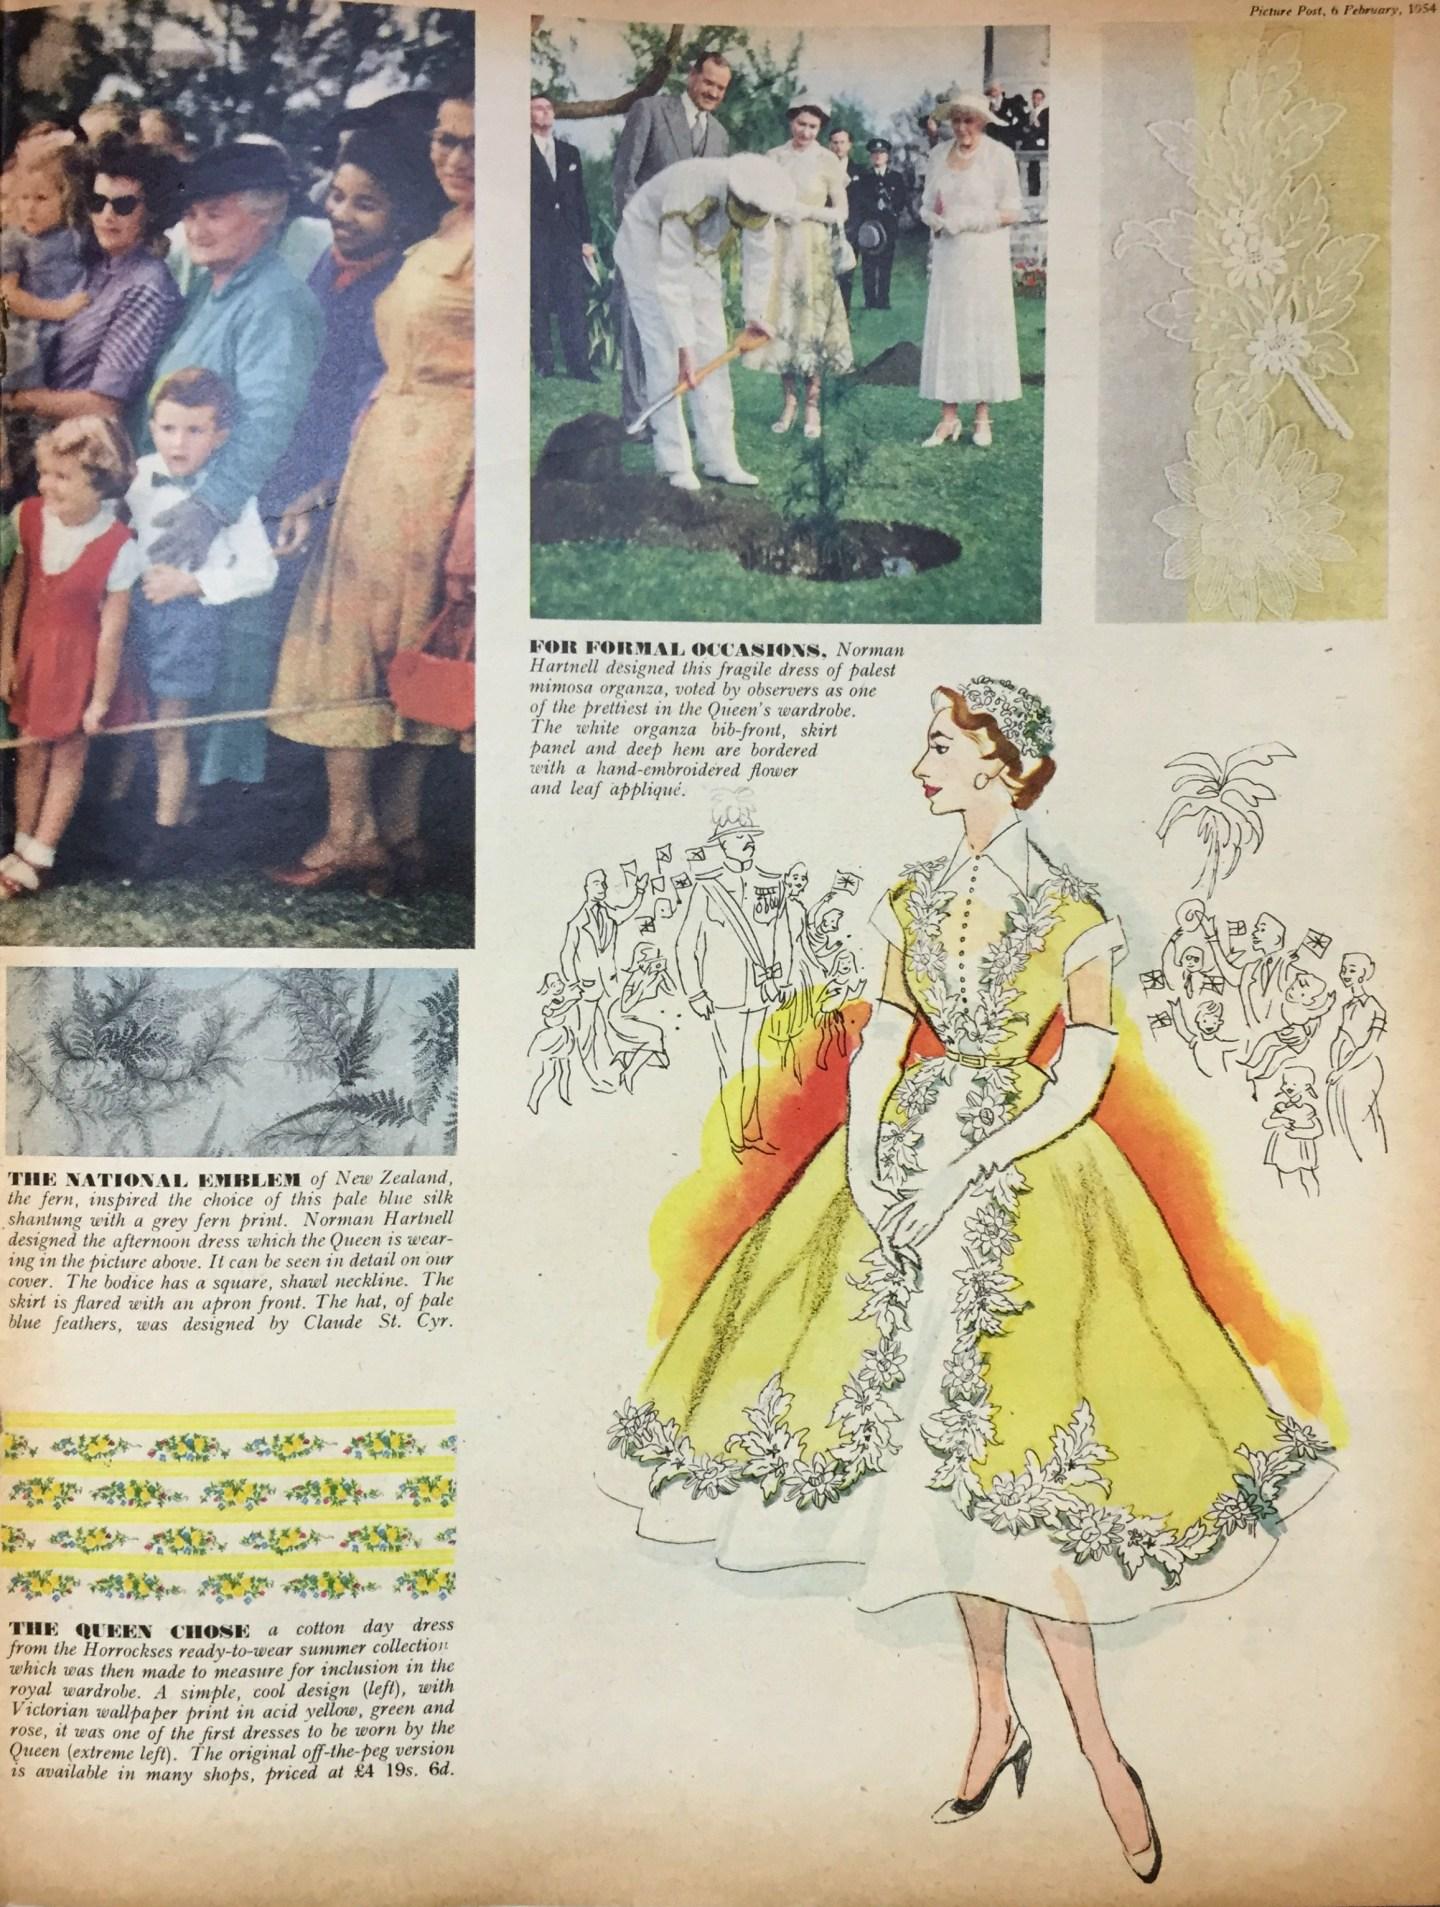 The Queen 1950s dresses